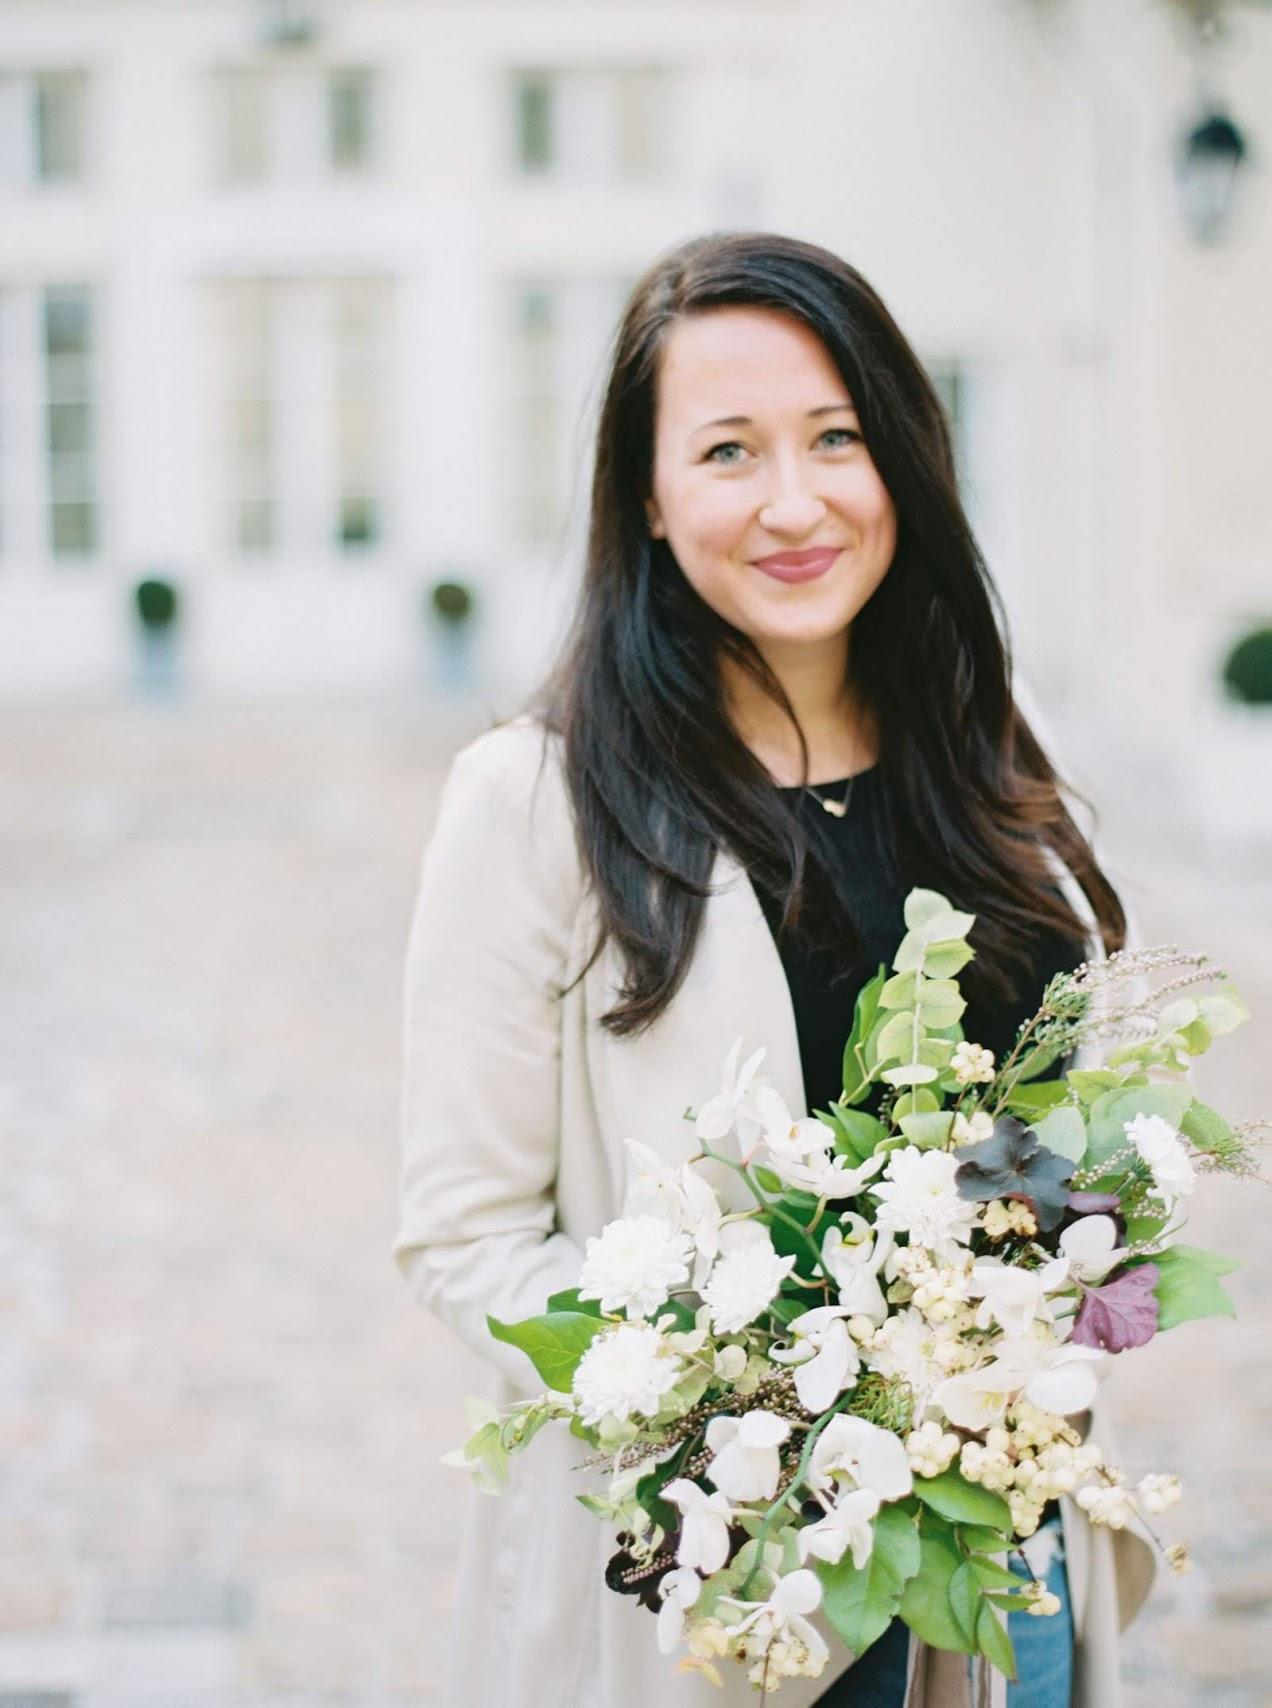 florist-Natalia-Januszewski-Michigan.jpg